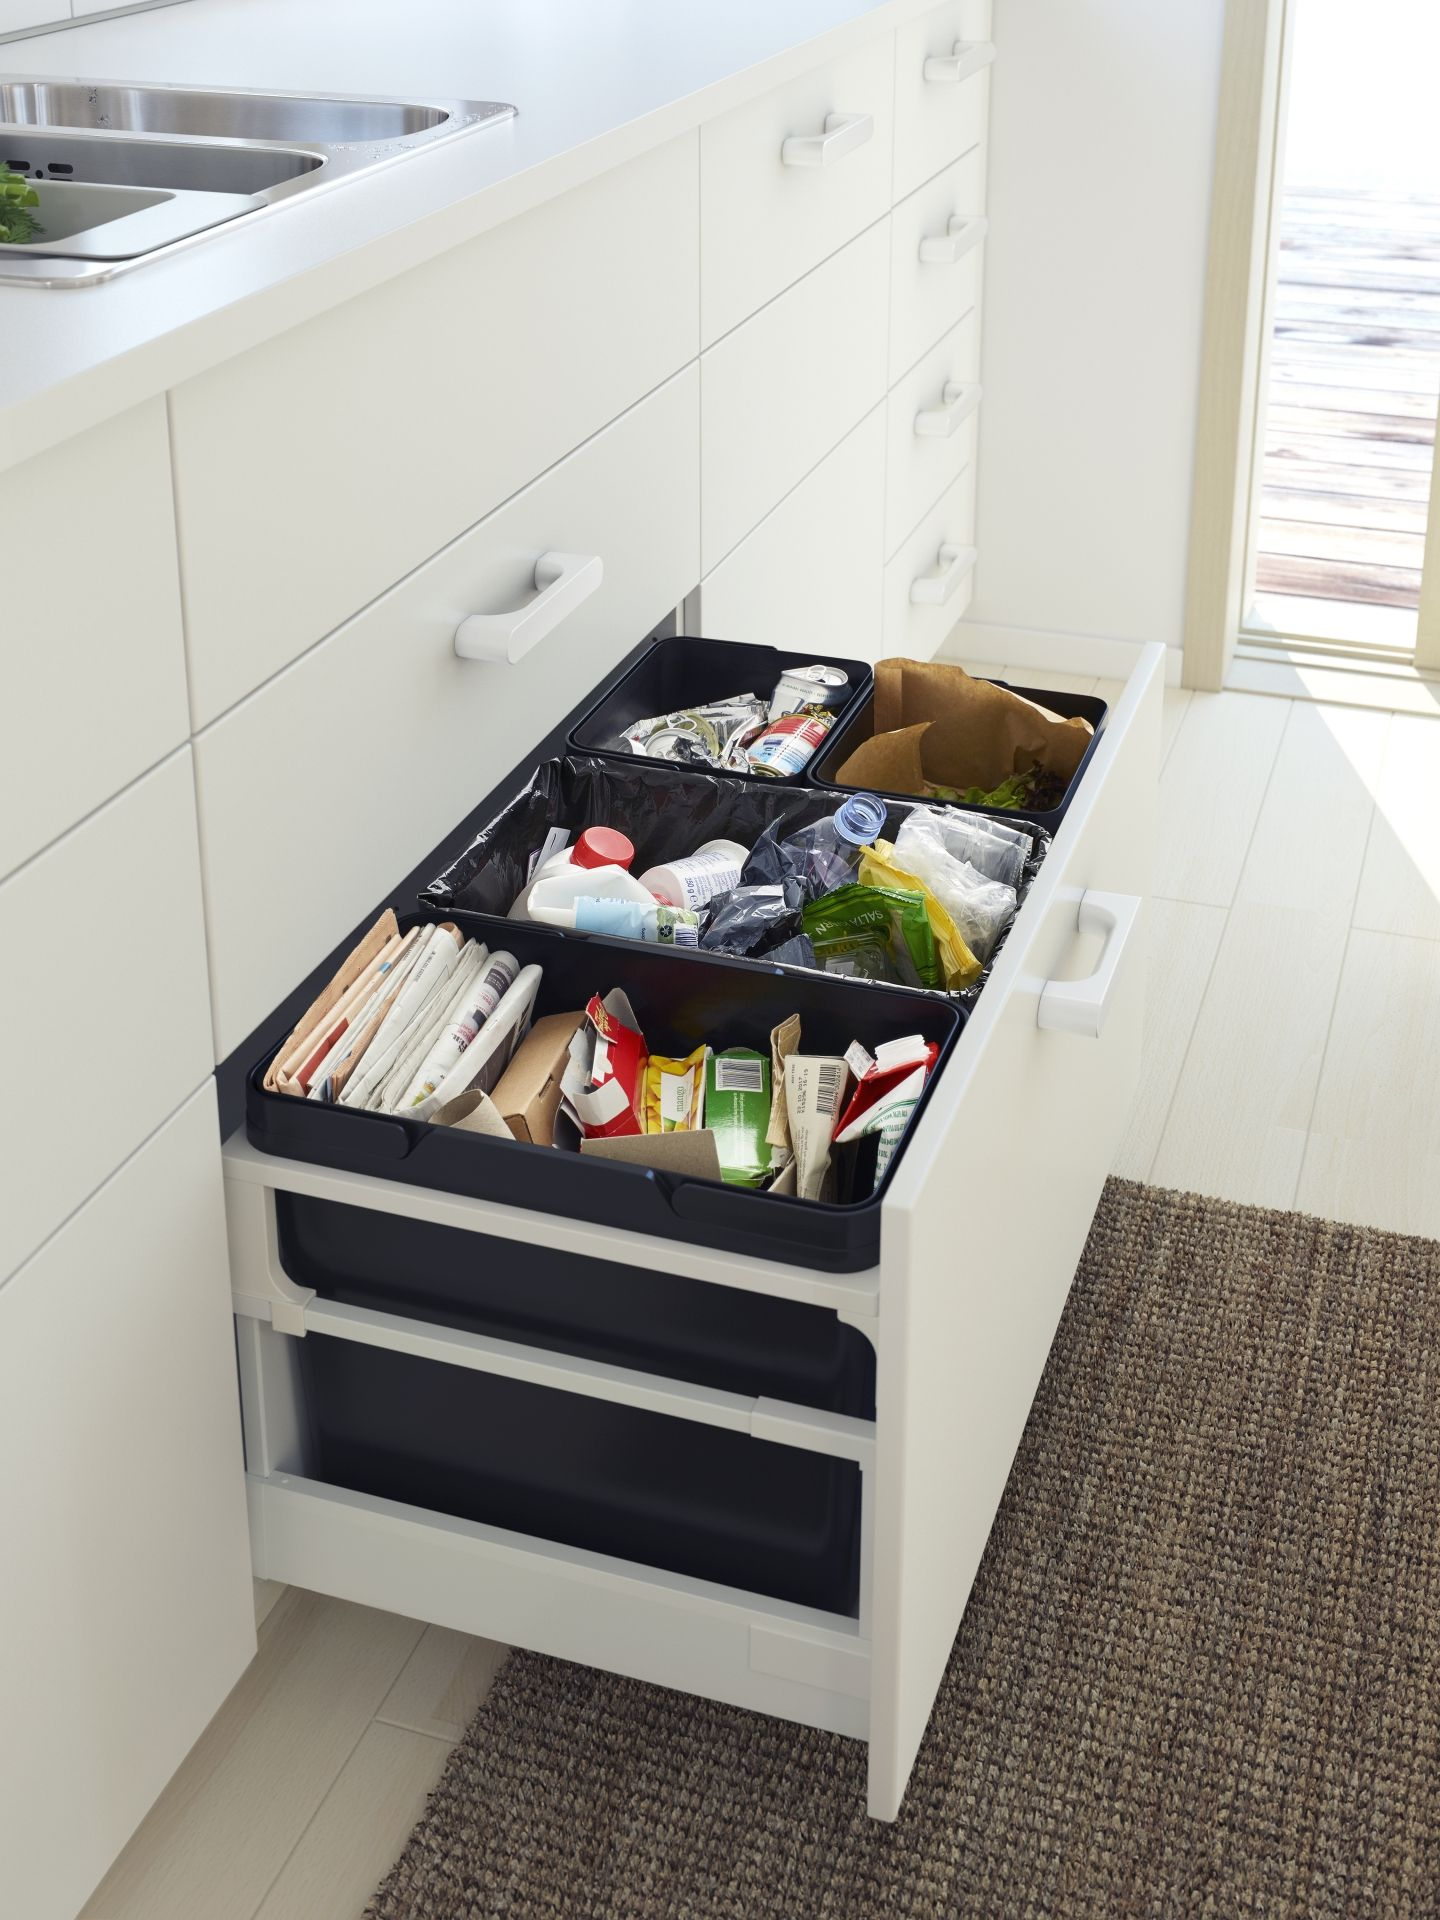 Full Size of Auszug Mülleimer Ikea Sofa Mit Schlaffunktion Doppel Küche Einbau Miniküche Modulküche Kaufen Kosten Betten 160x200 Bei Wohnzimmer Auszug Mülleimer Ikea